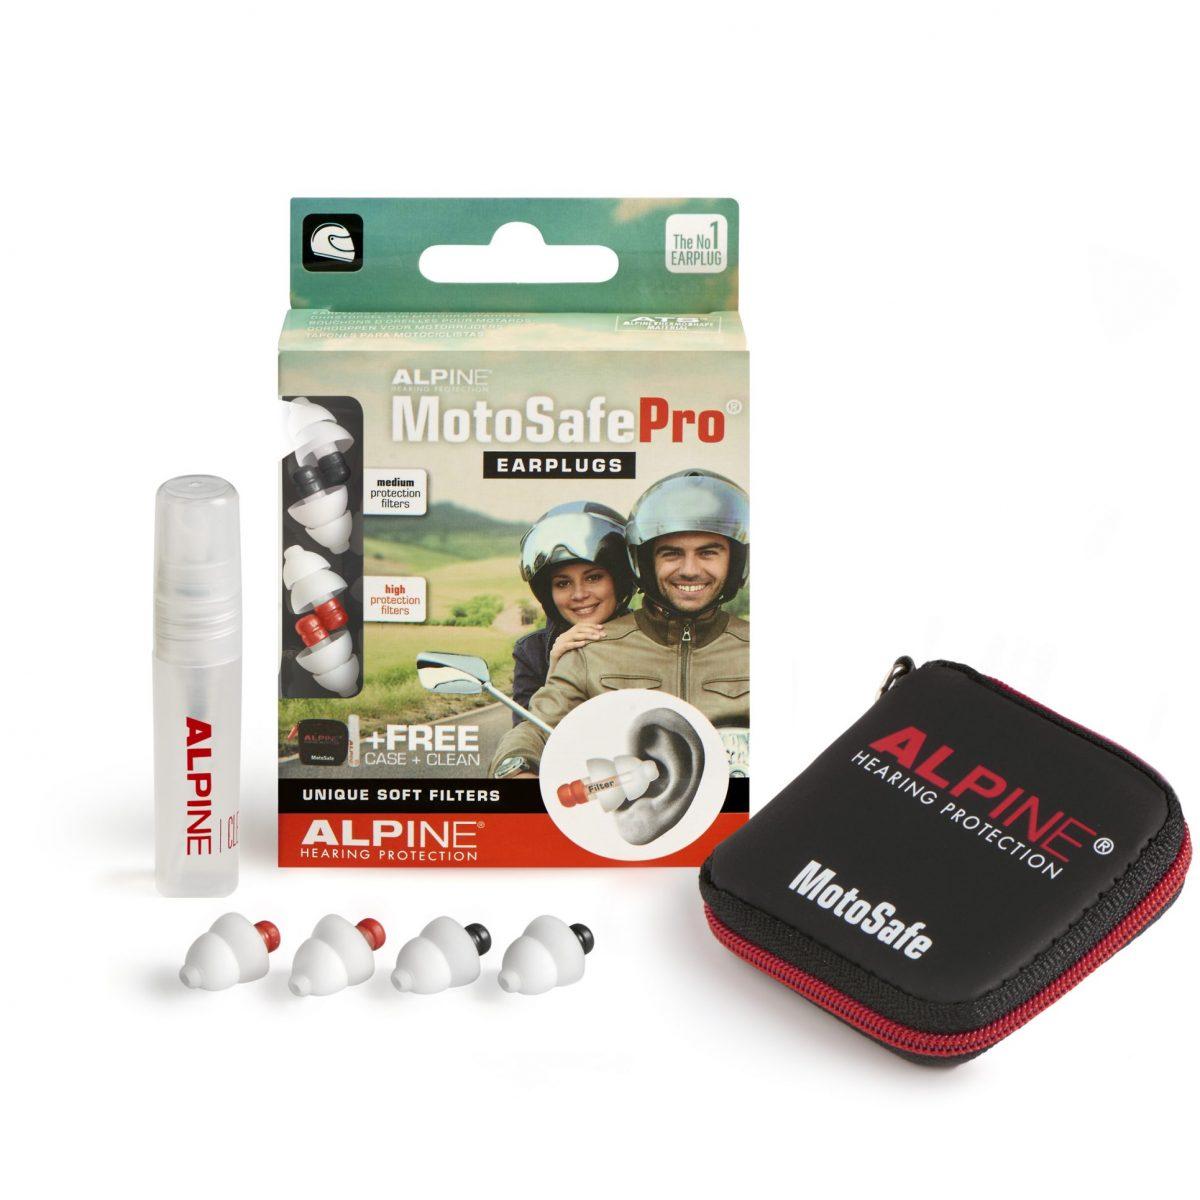 MotoSafe Pro